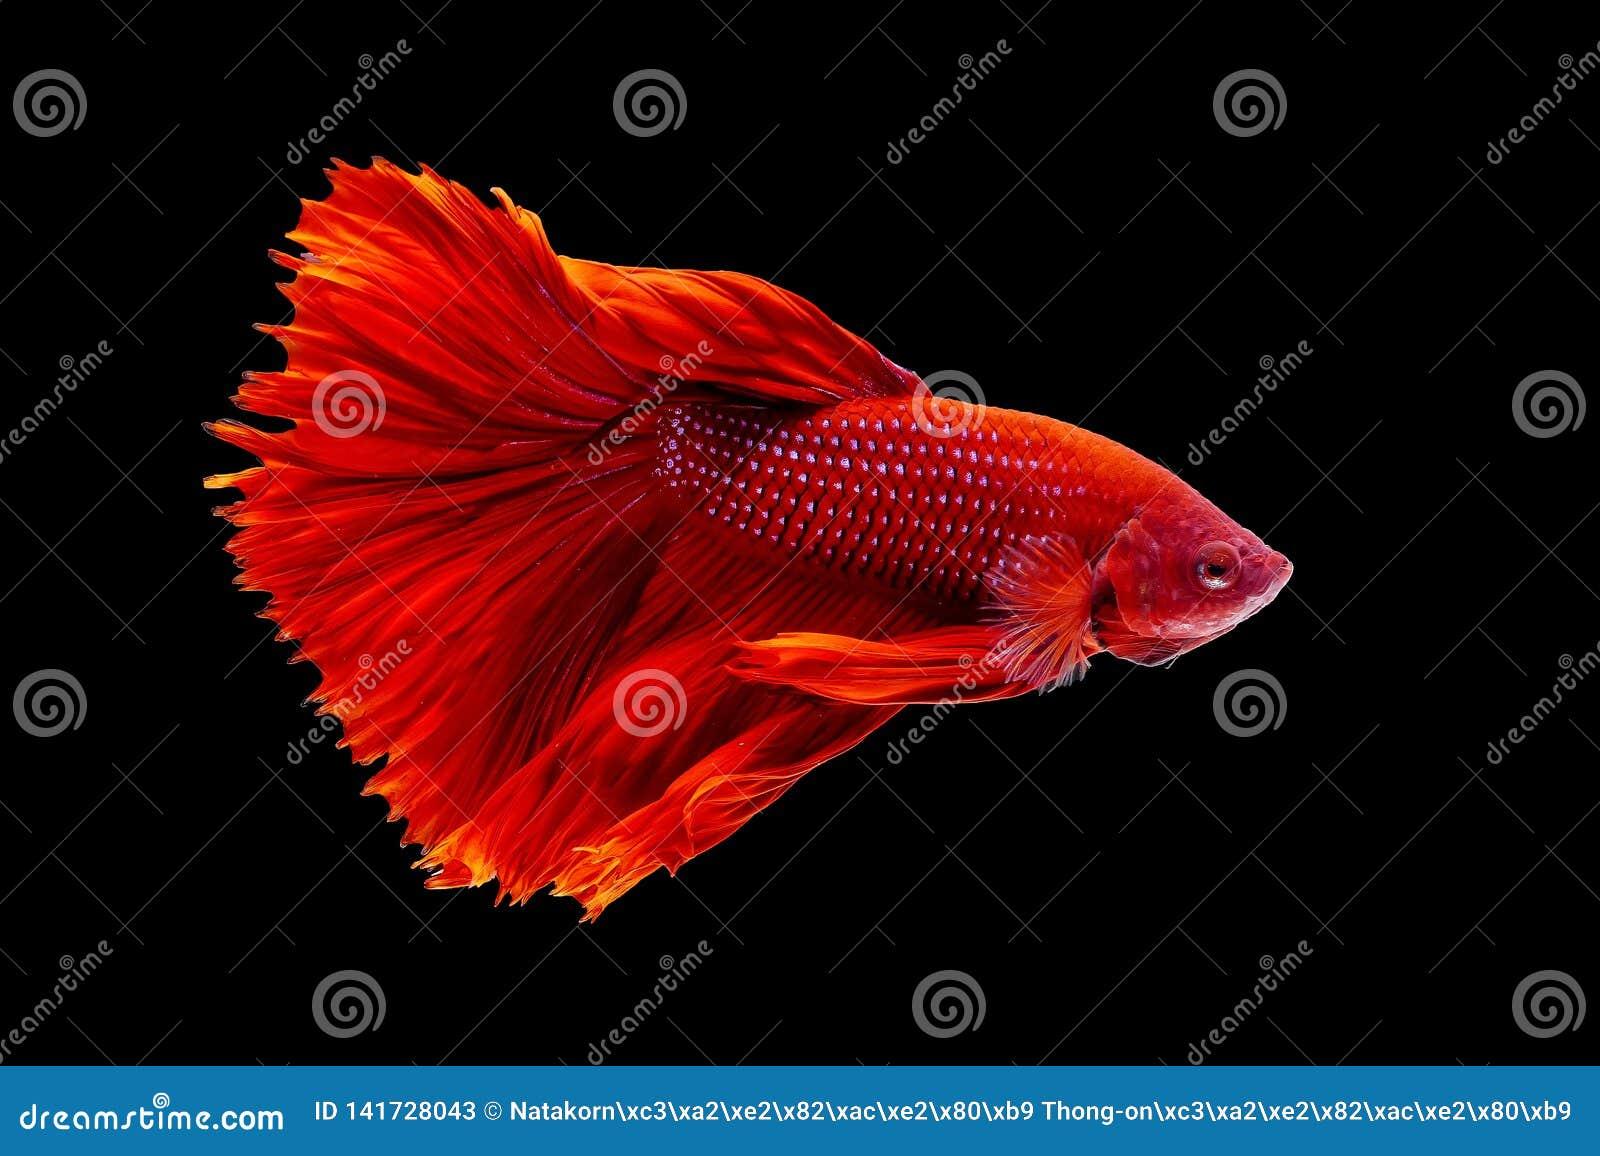 Pescados tailandeses coloridos del betta, betta rojo, pescado agrietado en un fondo negro